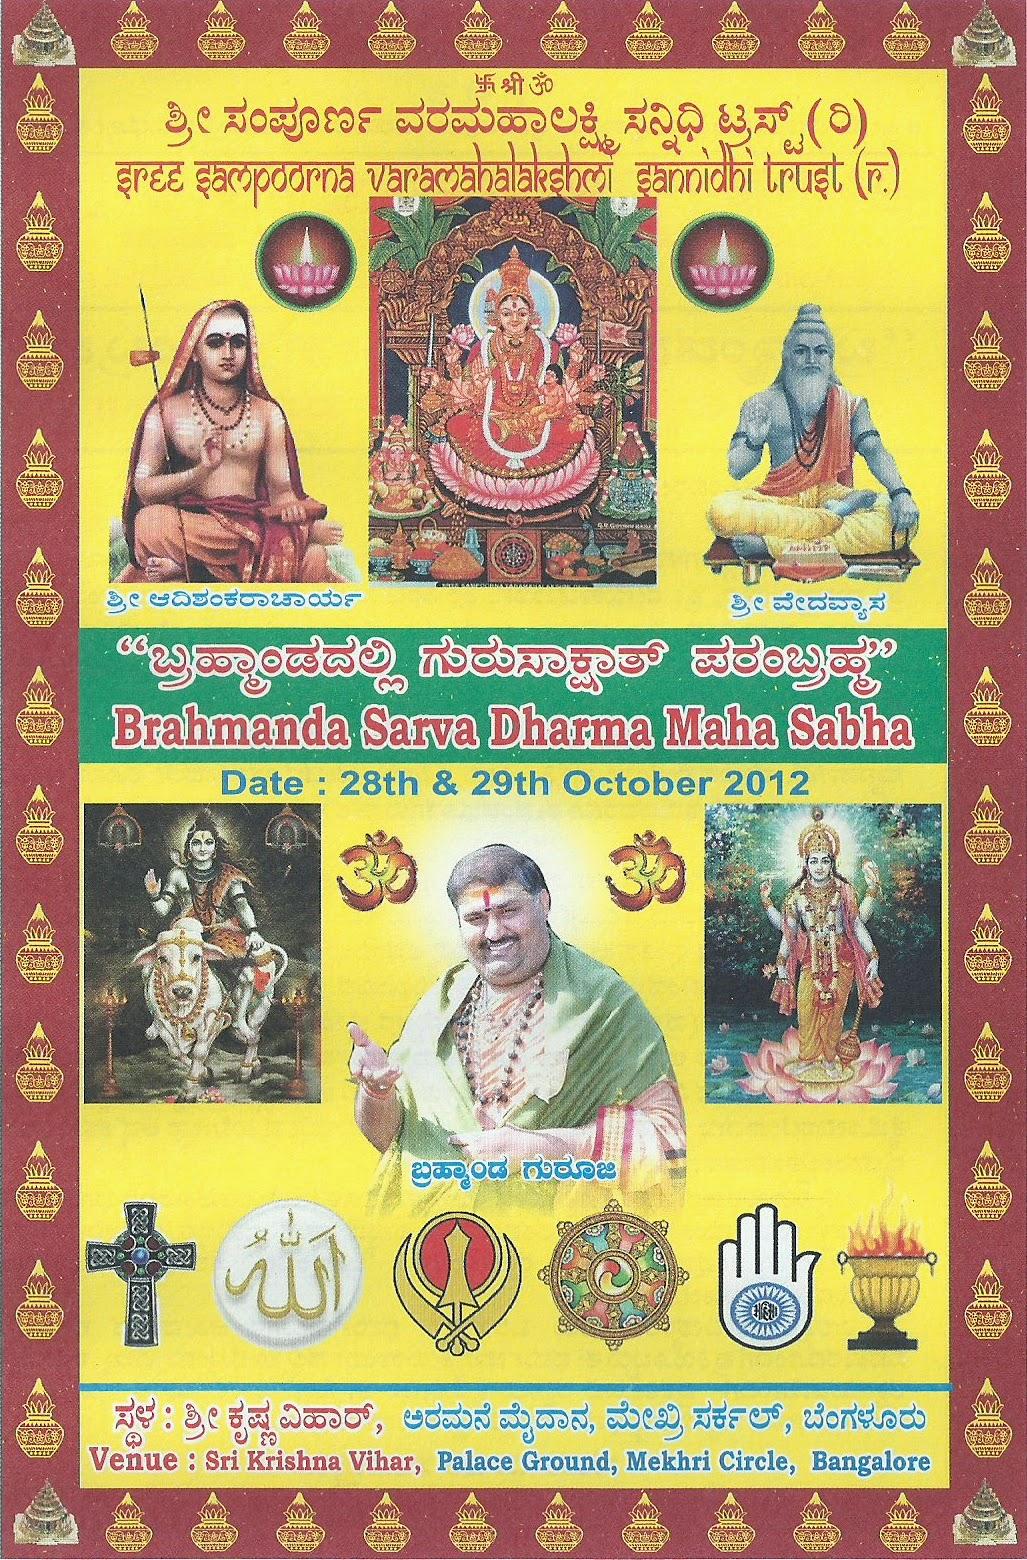 Brahmanda Sarva Dharma Maha Sabha By Brahmanda Guruji Shri Narendra Babu Sharmaji